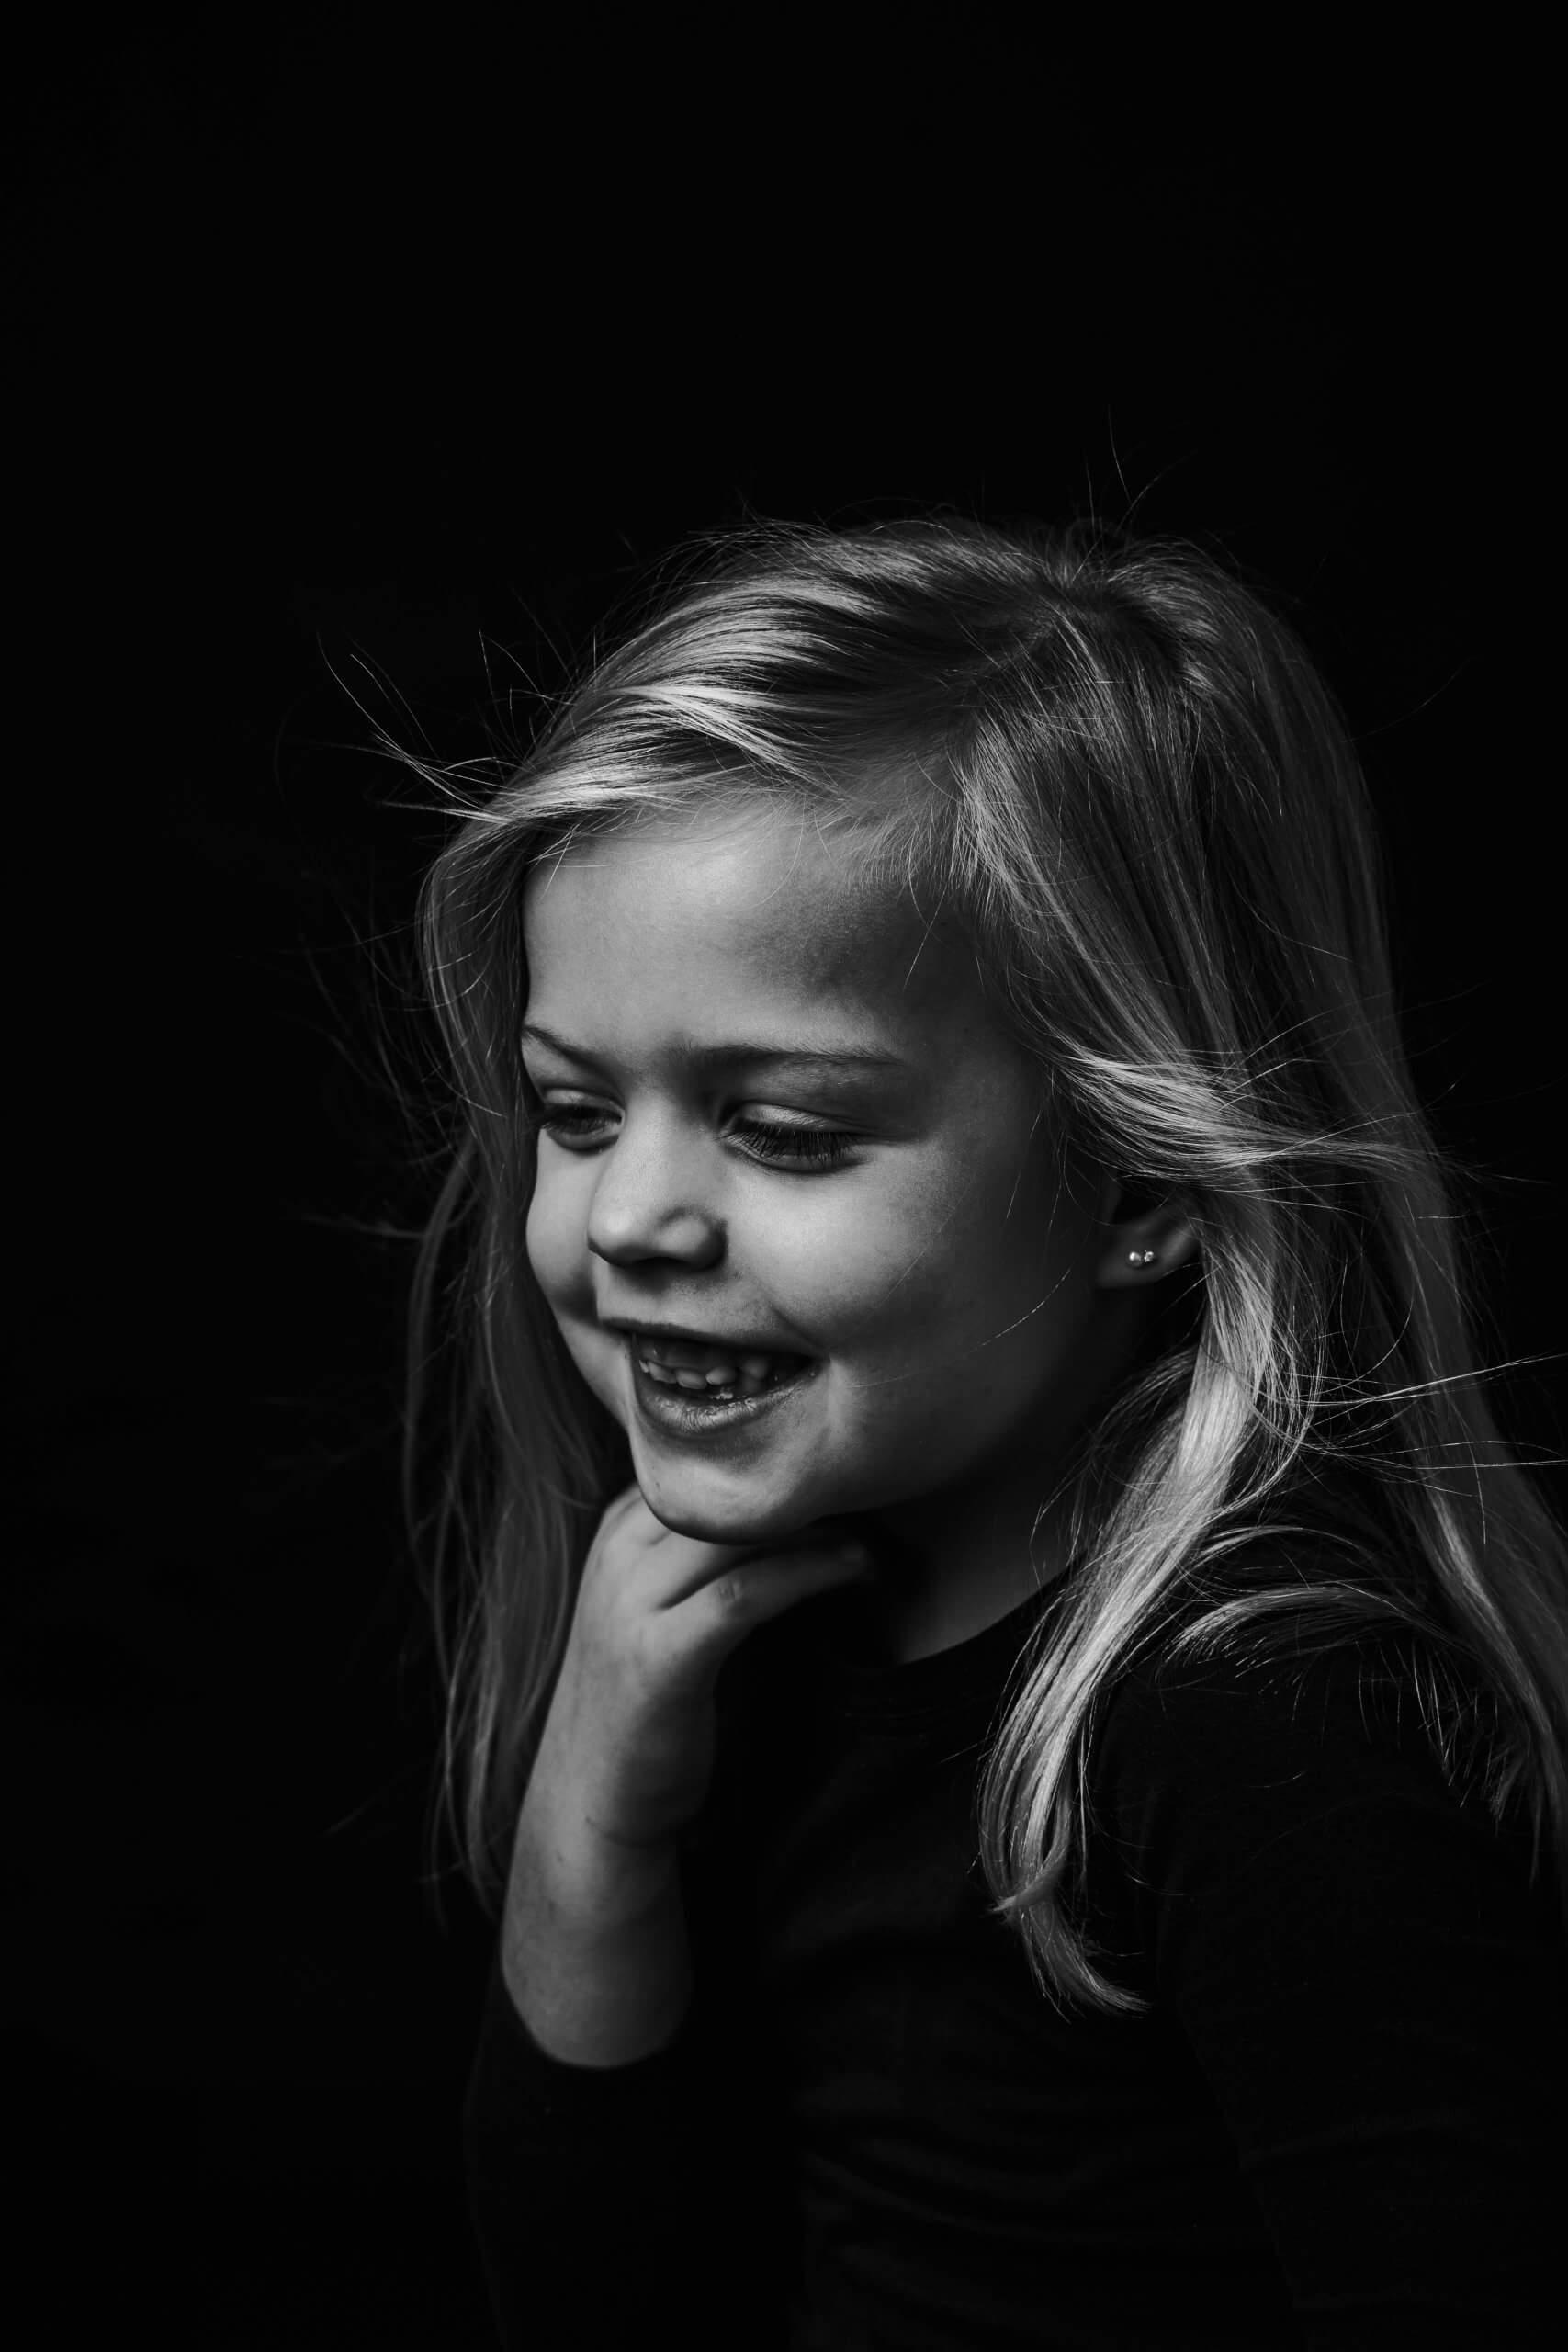 Portret meisje fine art wind studio zwart wit studio